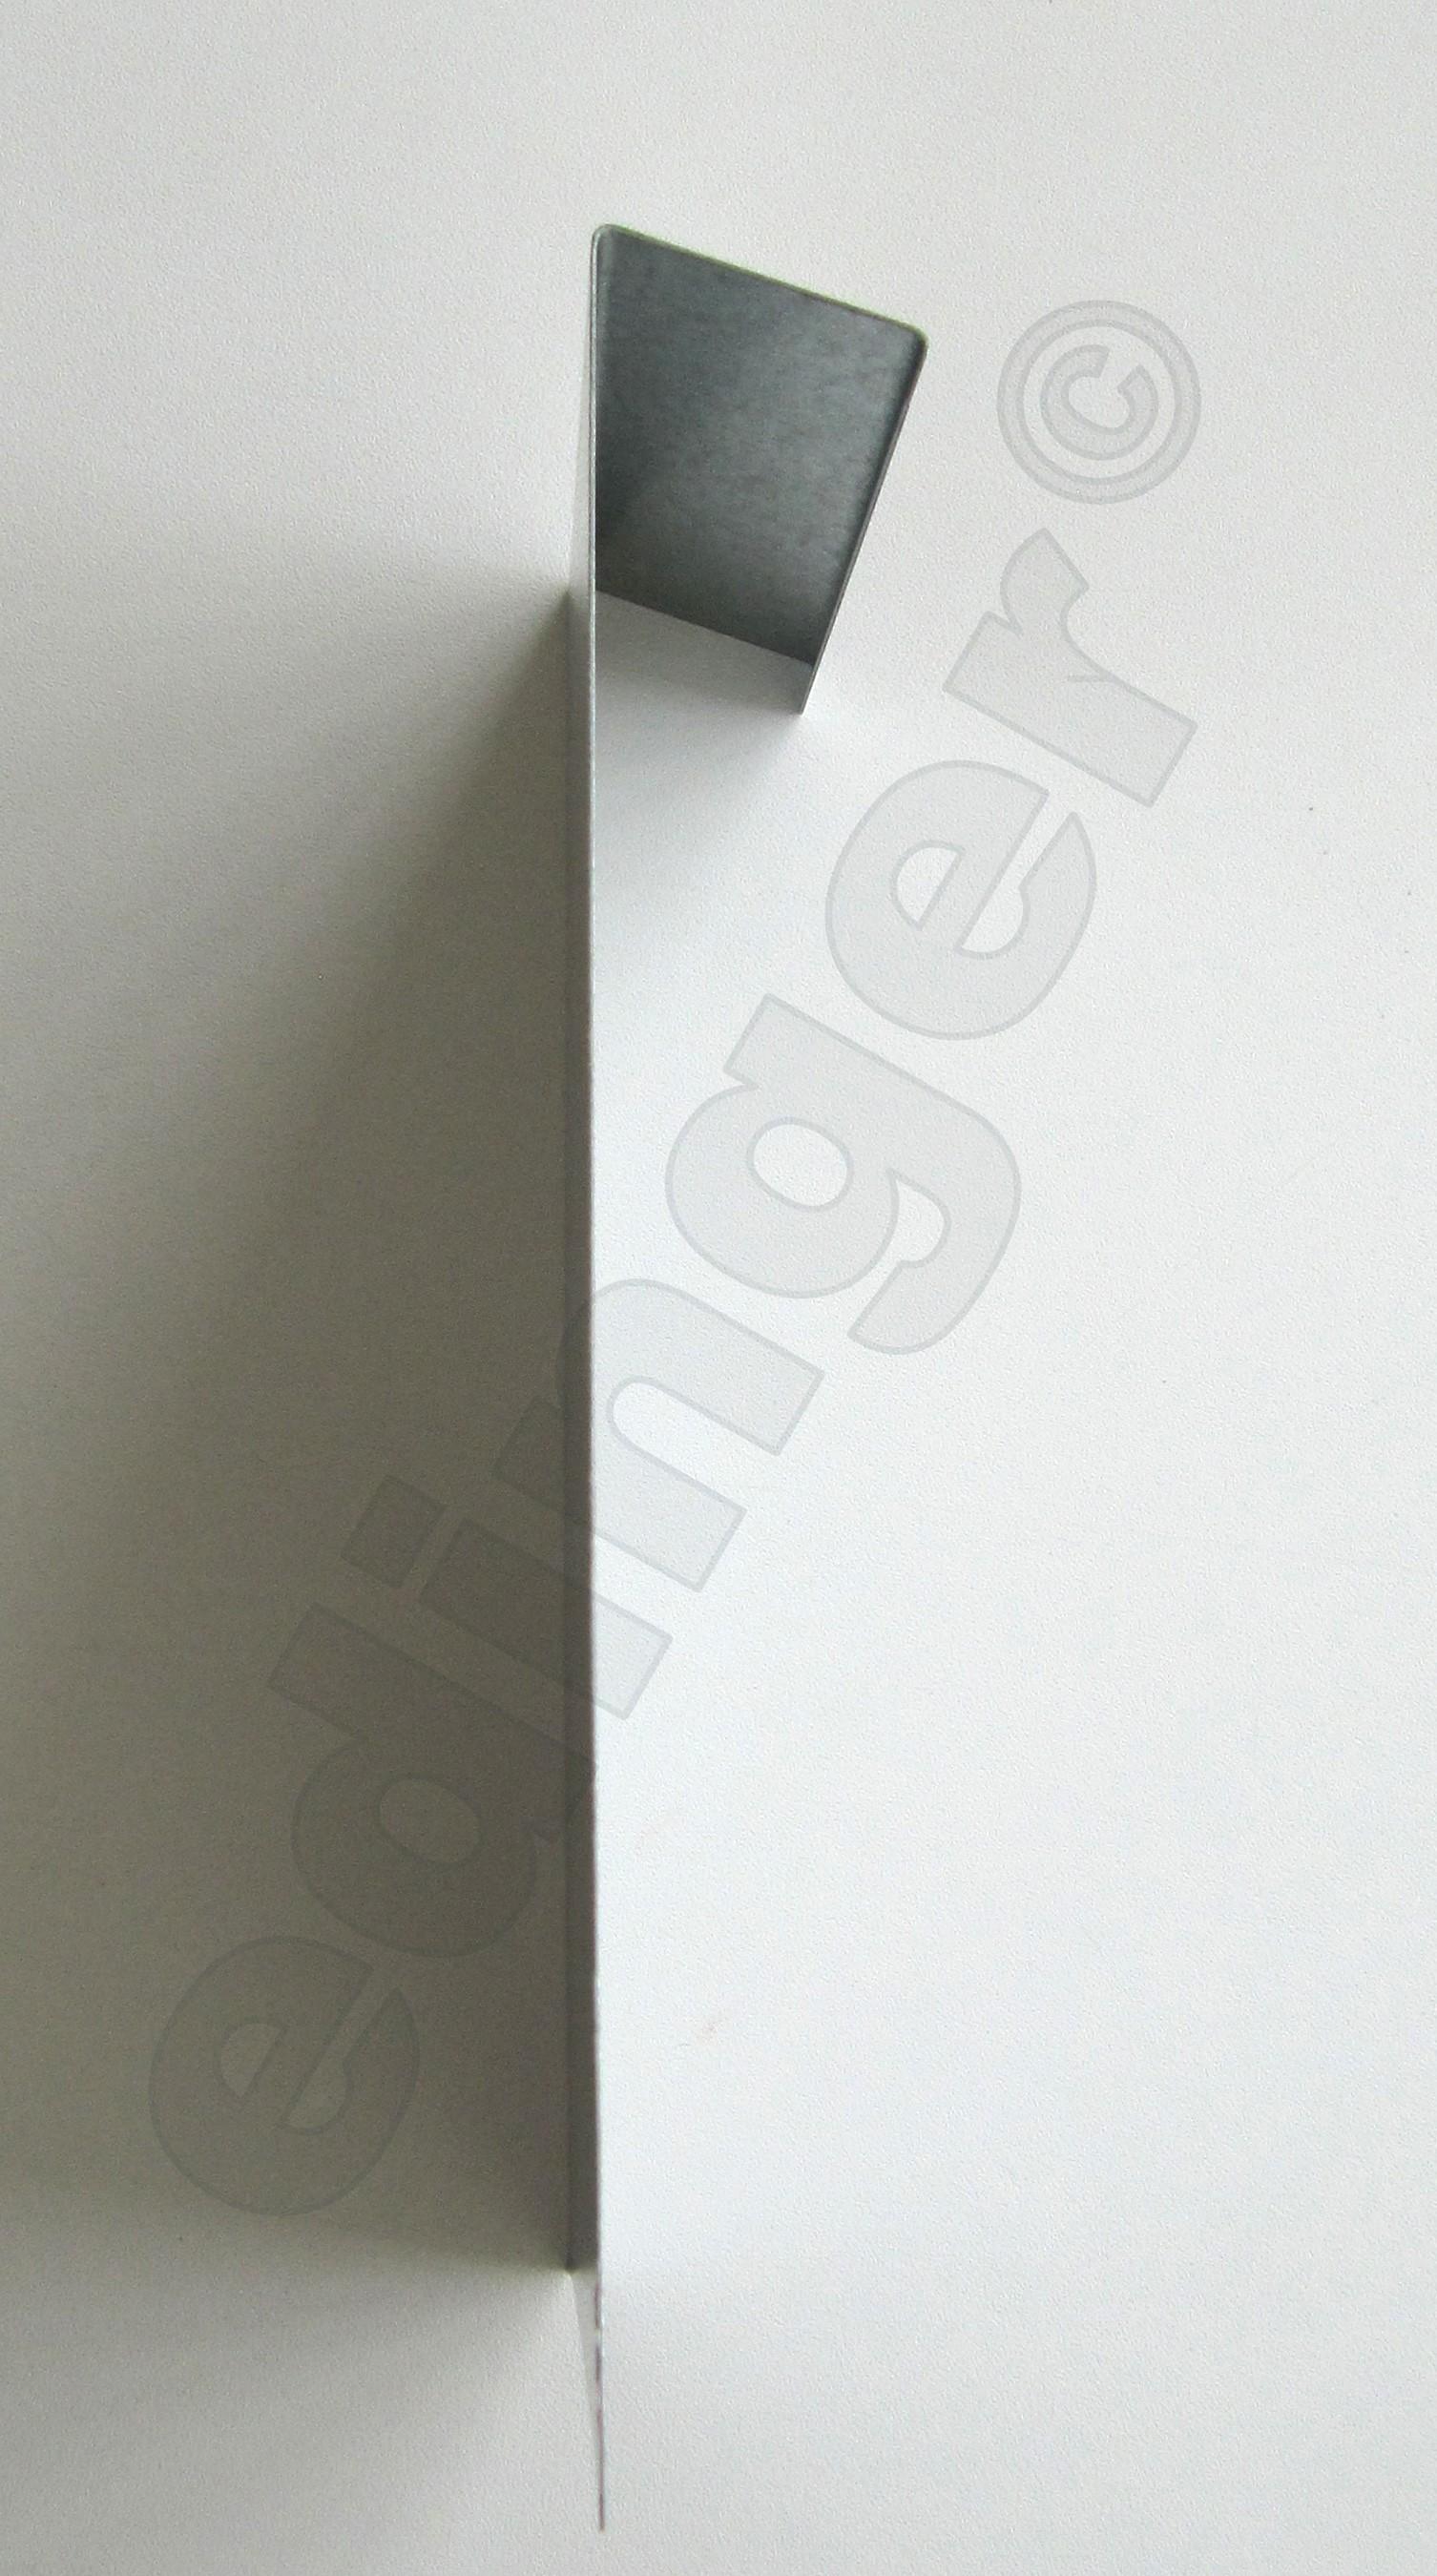 Schneckenzaun / Schneckenblech Metall 100x20cm Bild 2